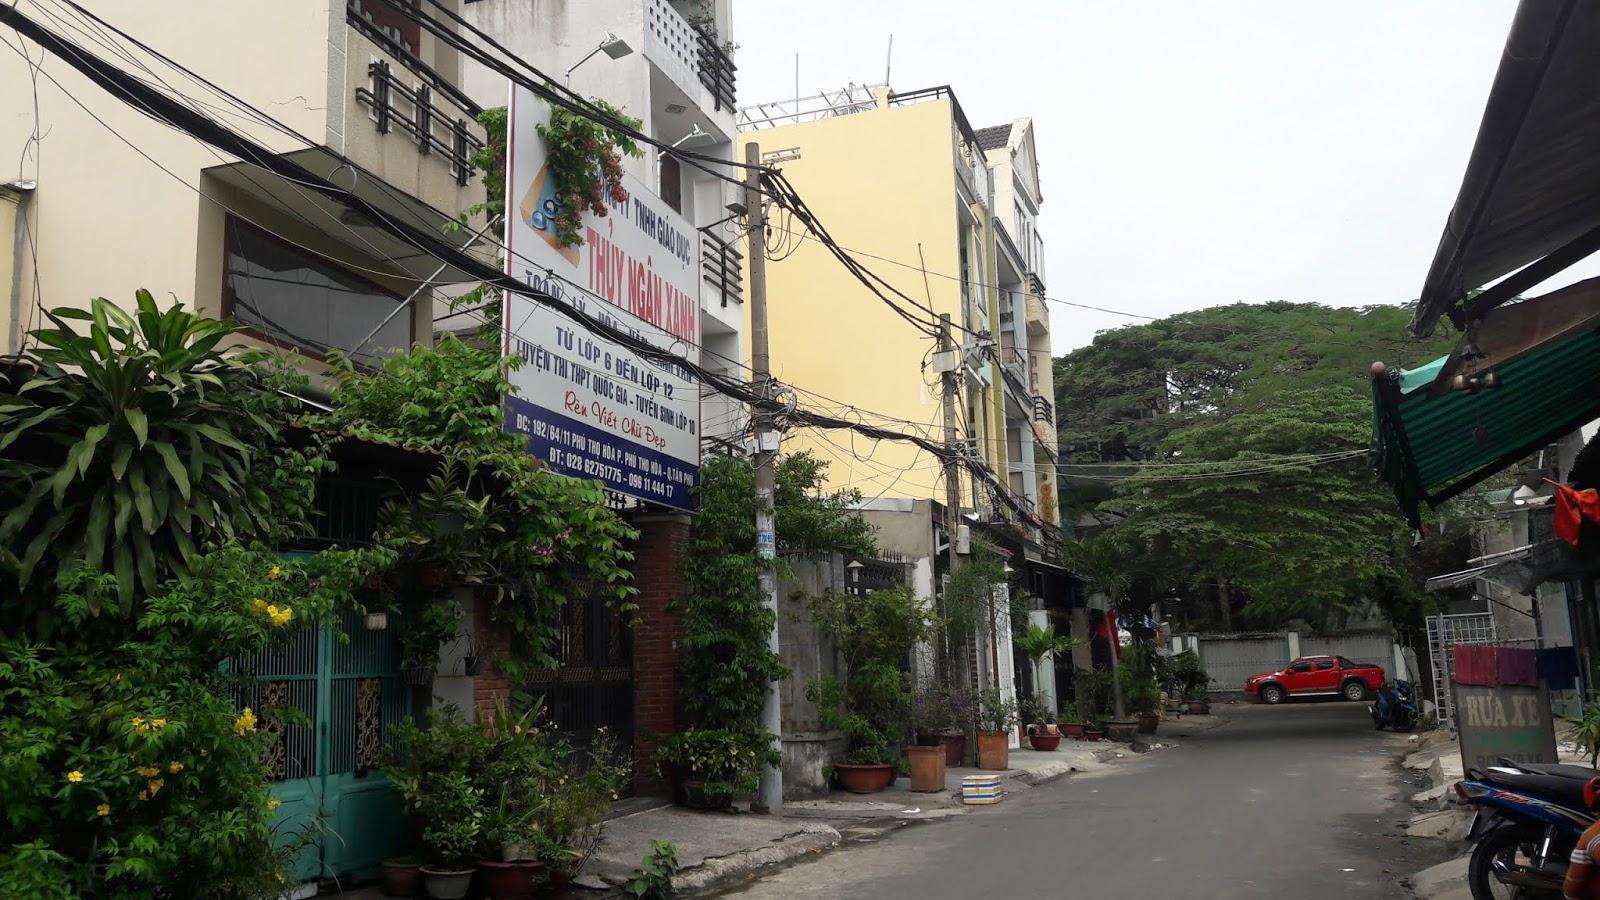 Bán nhà hẻm ô tô Phú Thọ Hòa Quận Tân Phú 4